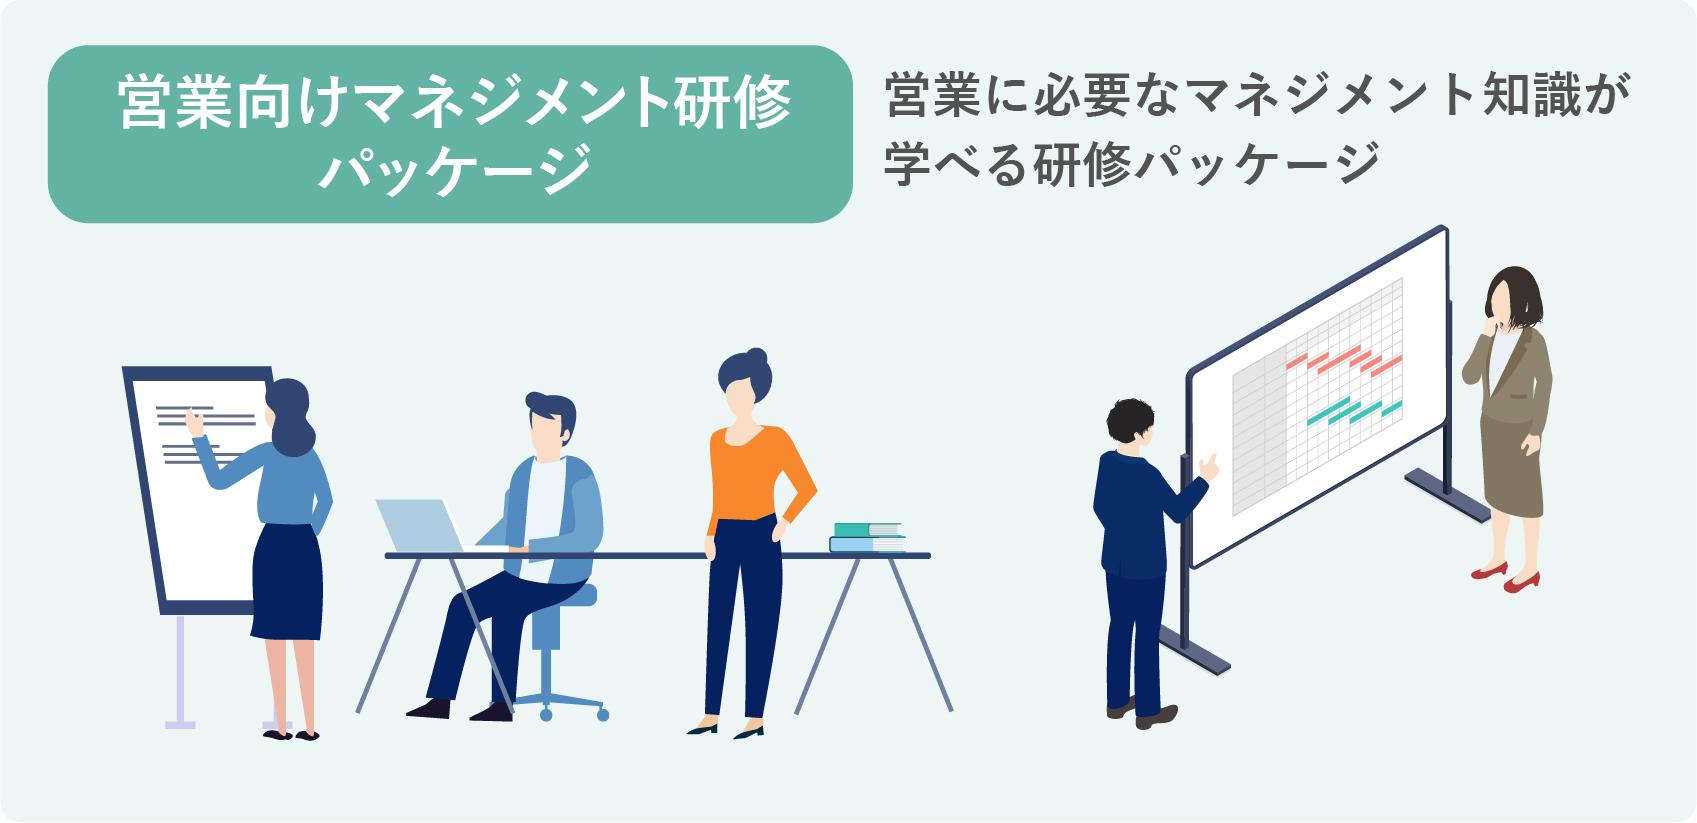 営業向けマネジメント研修パッケージ